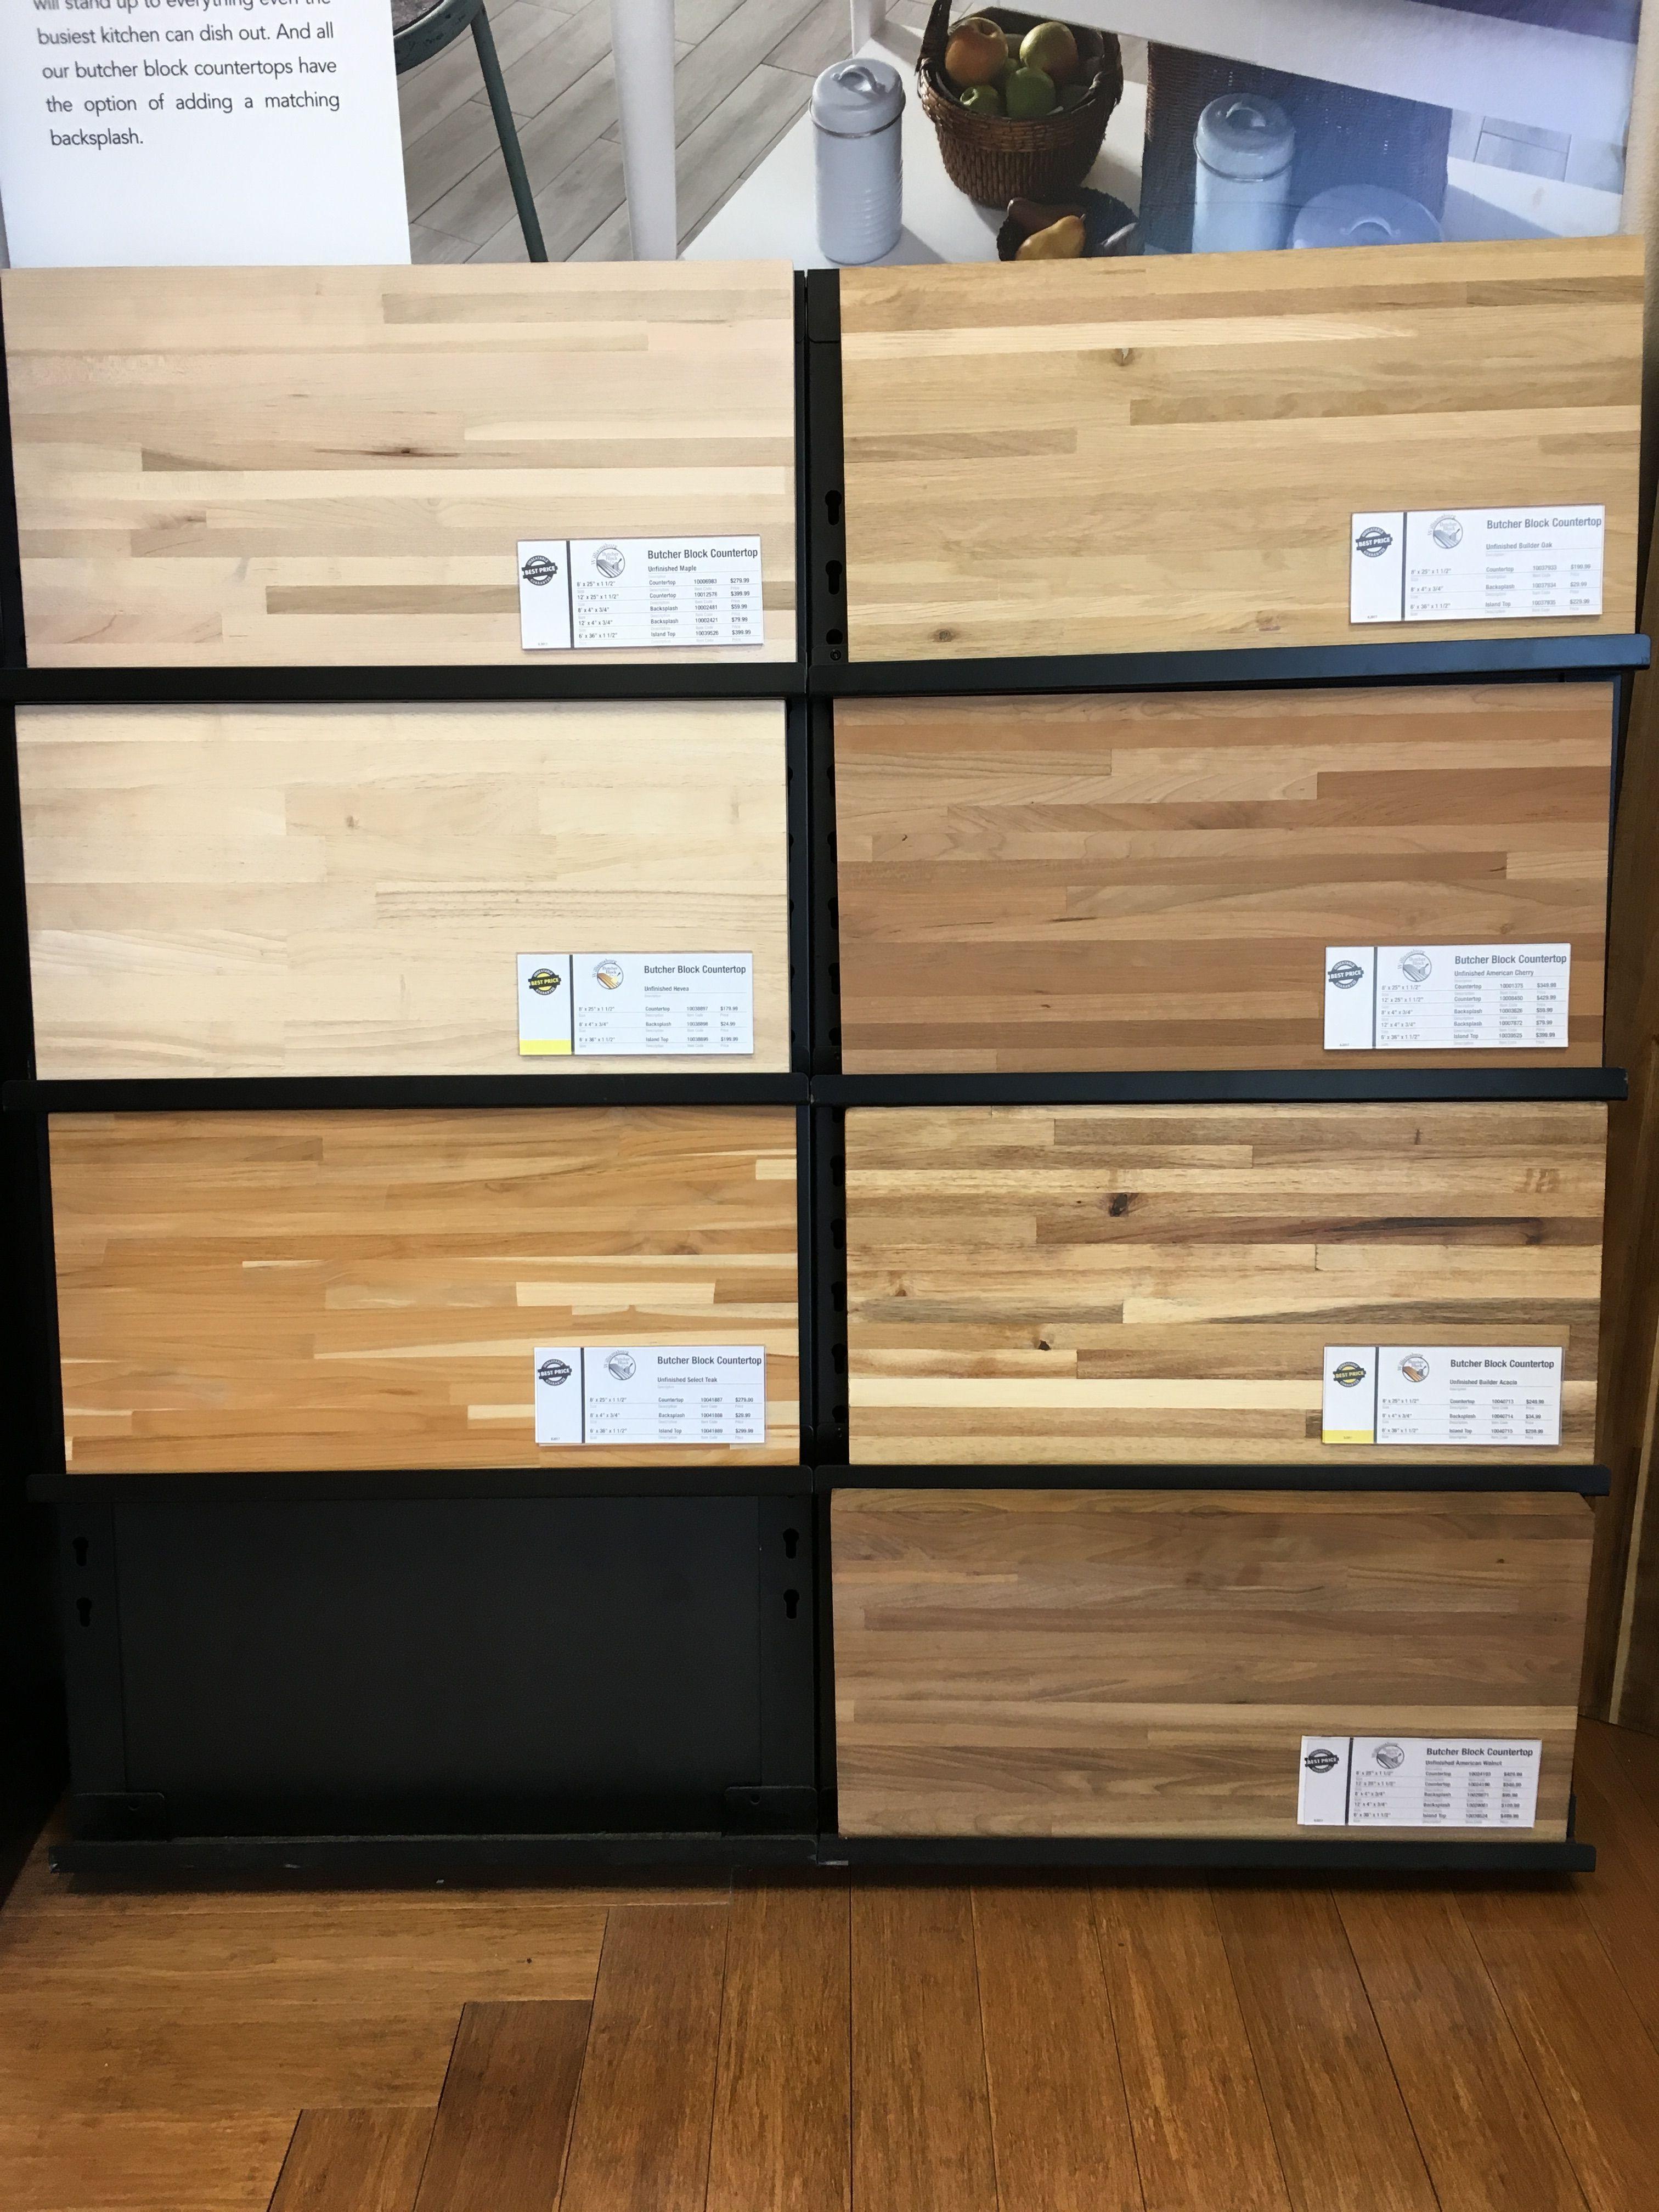 Butcher block samples from Lumber Liquidators Lumber